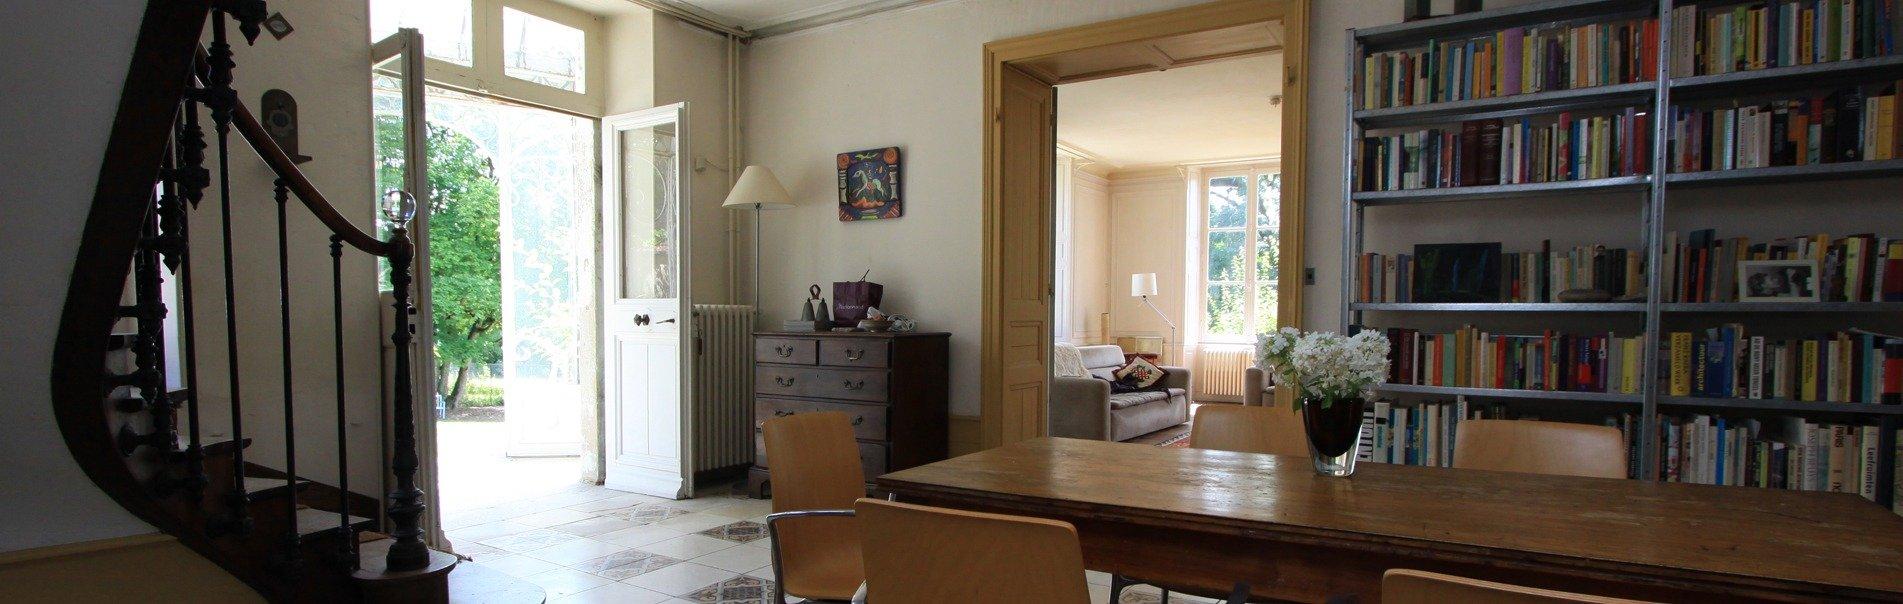 Entreehal met doorkijk naar tuin en salon